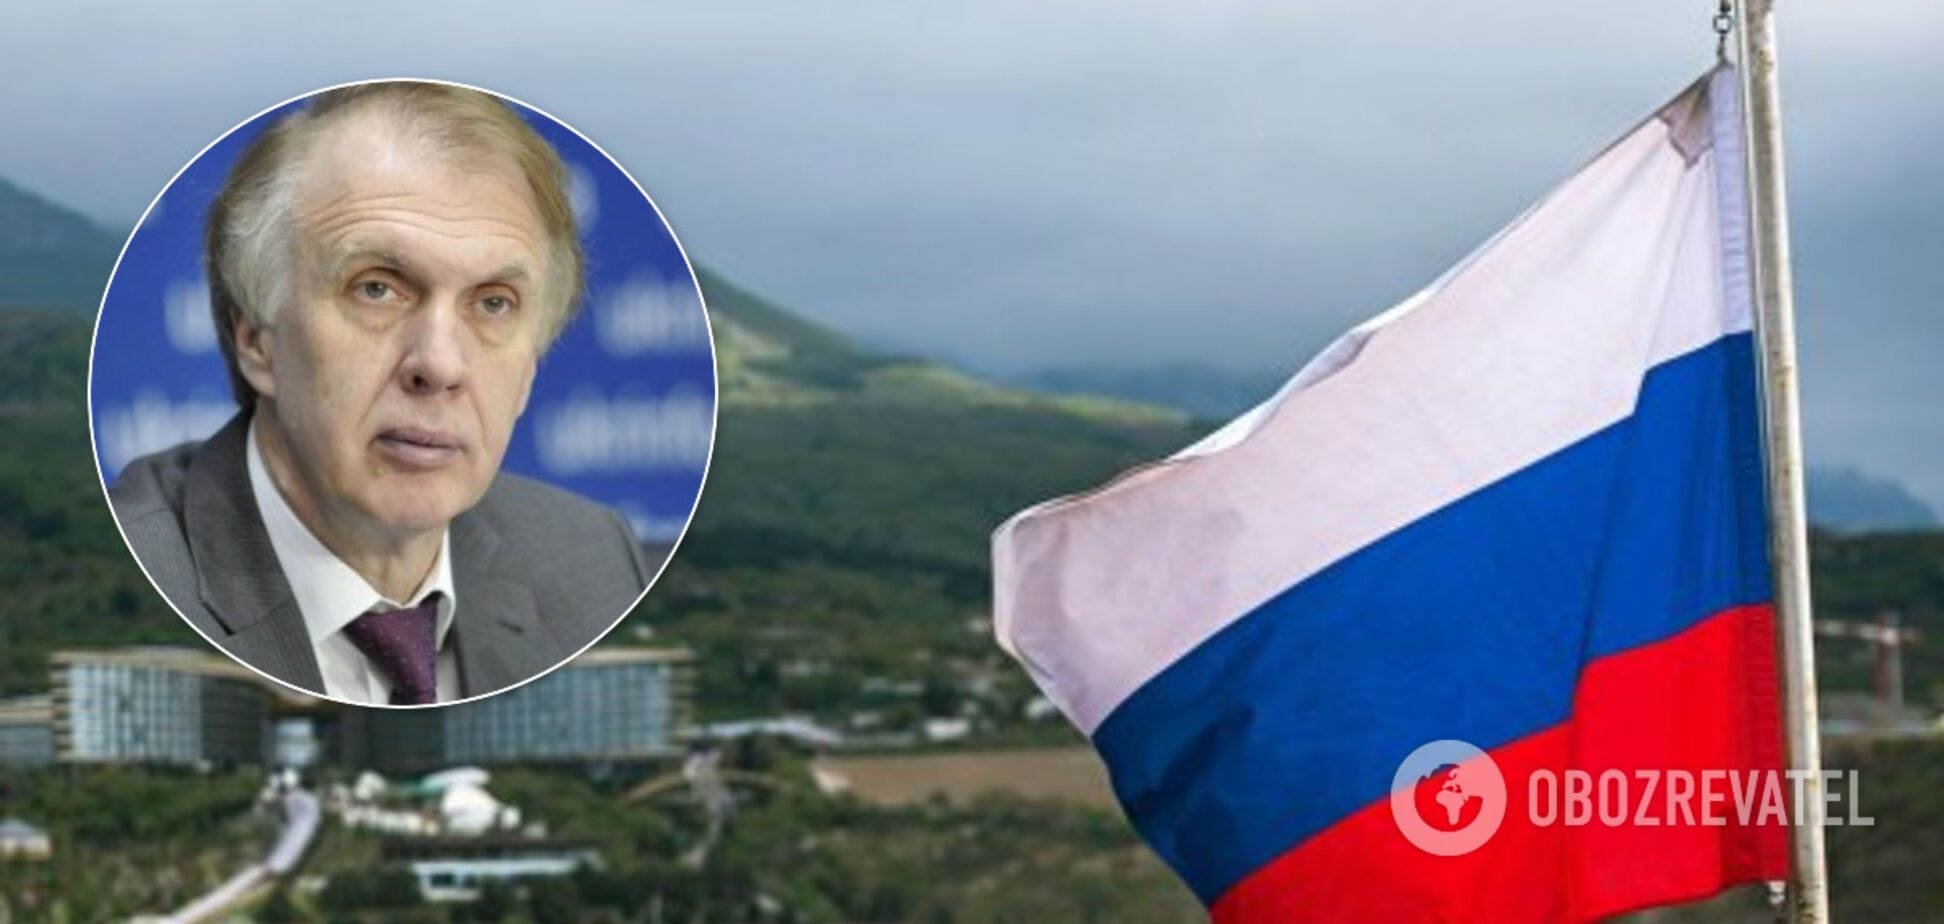 Продаж води Криму: український дипломат раптово підтримав Кремль